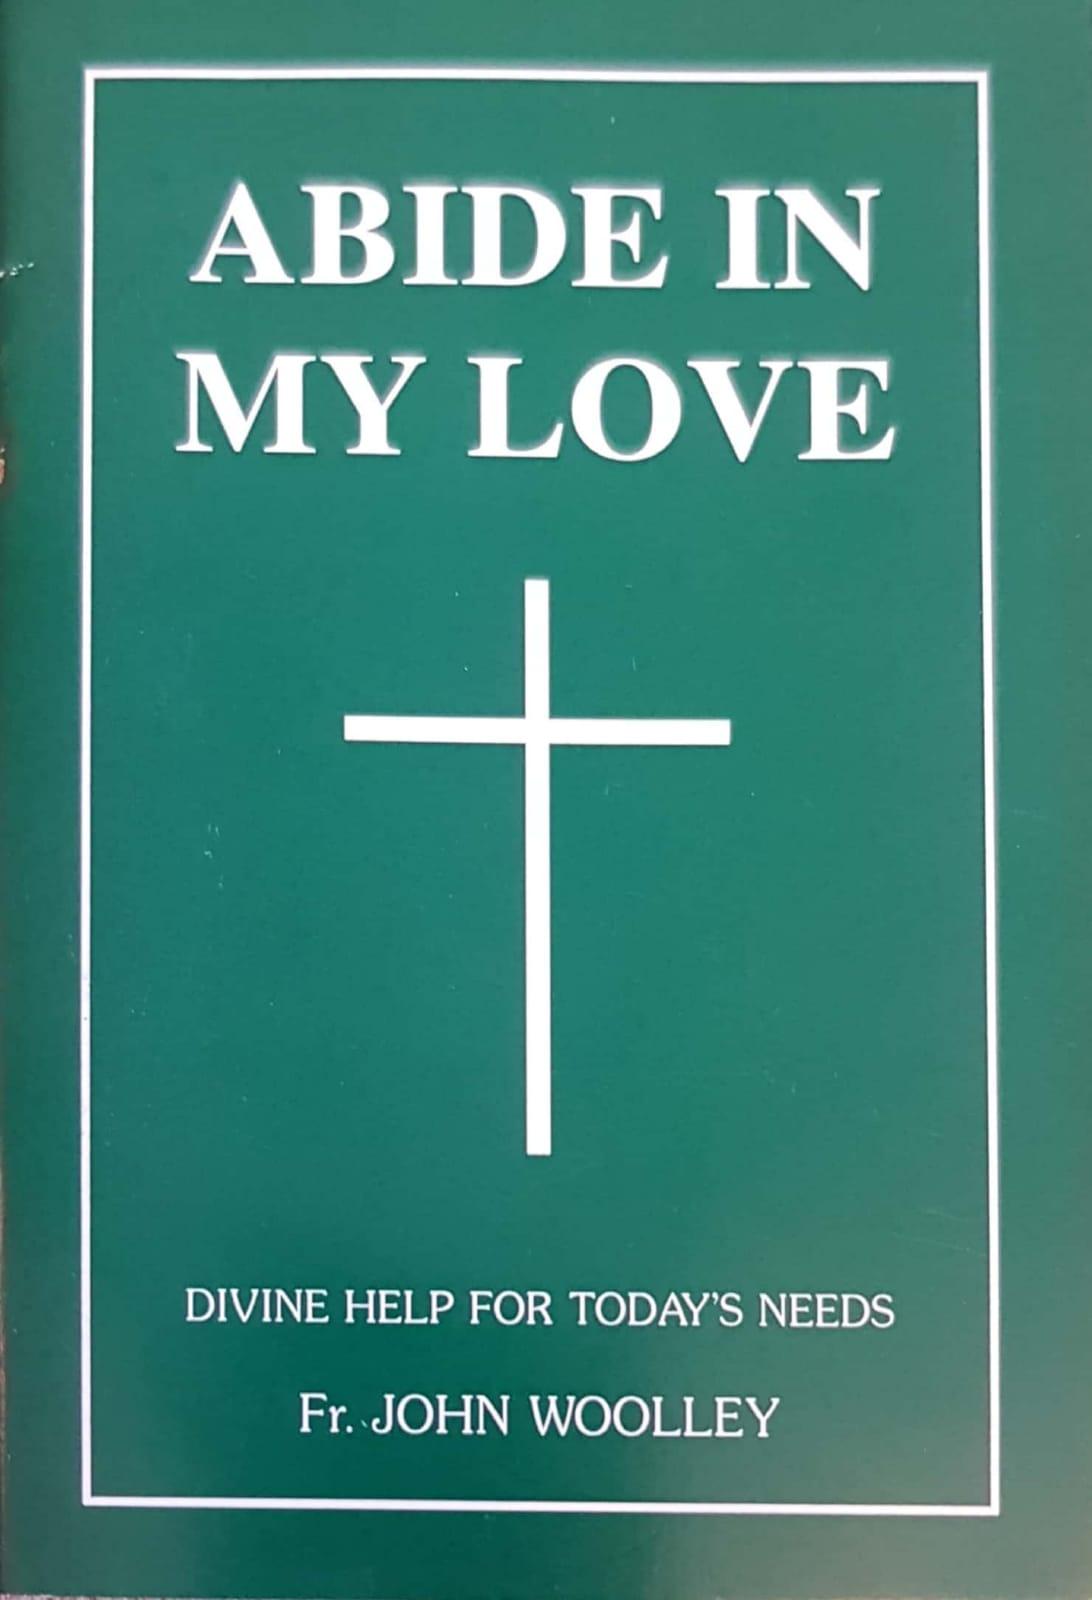 Abide In My Love - Free Mini Edition